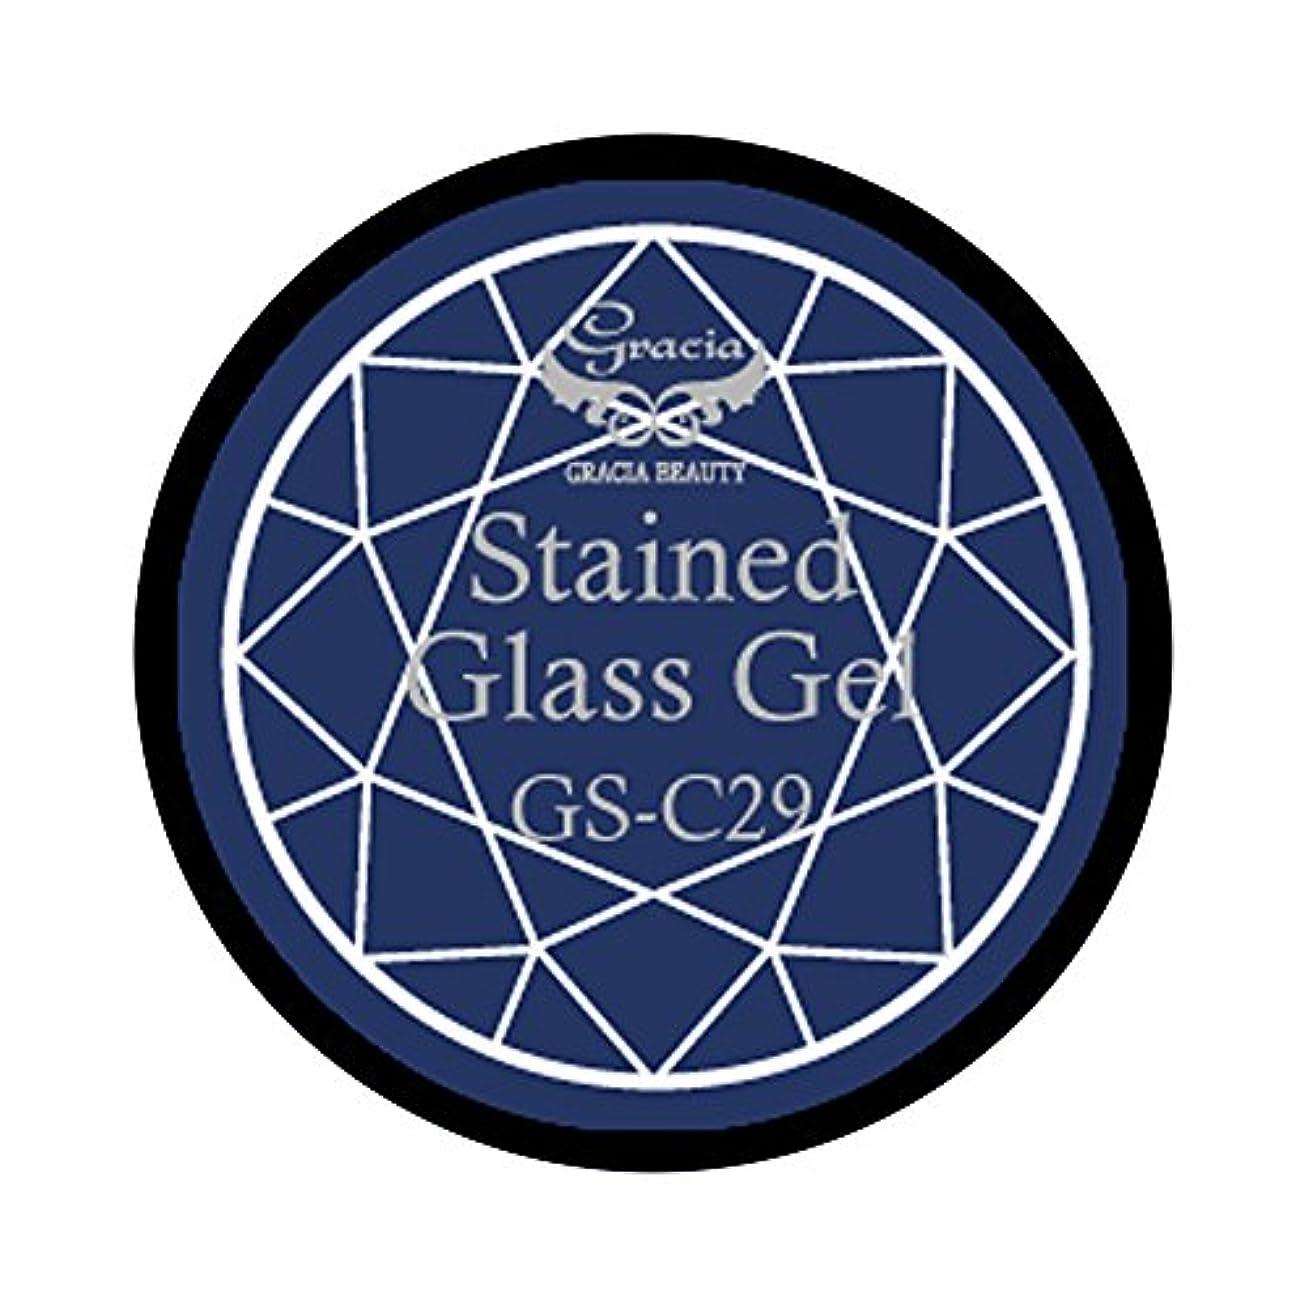 戸棚ジャンピングジャックオデュッセウスグラシア ステンドグラスジェル GSM-C29 3g